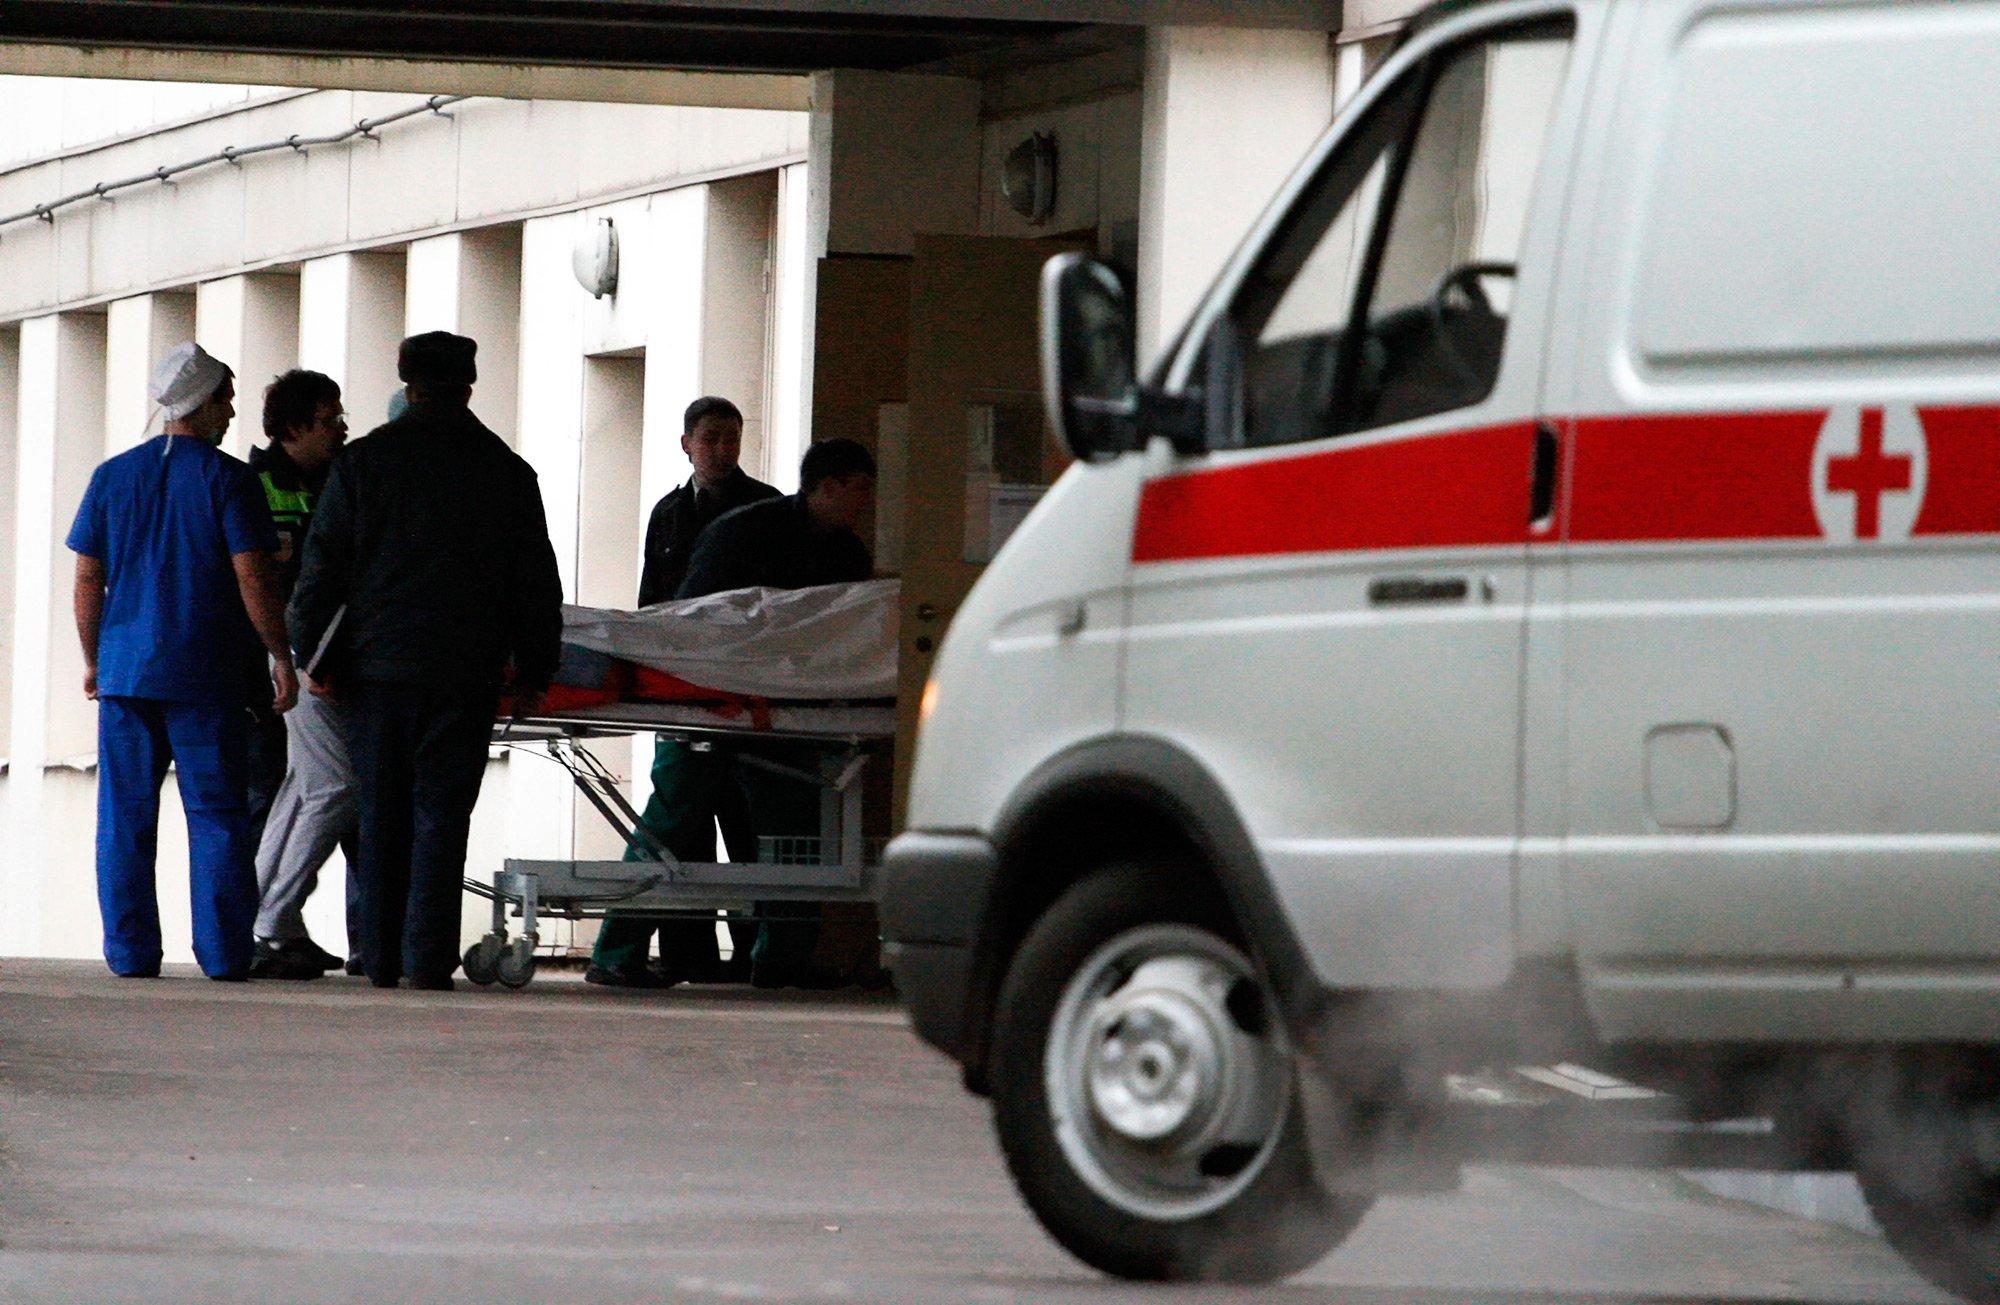 ВПодмосковье ребенок упал сжелезнодорожного моста